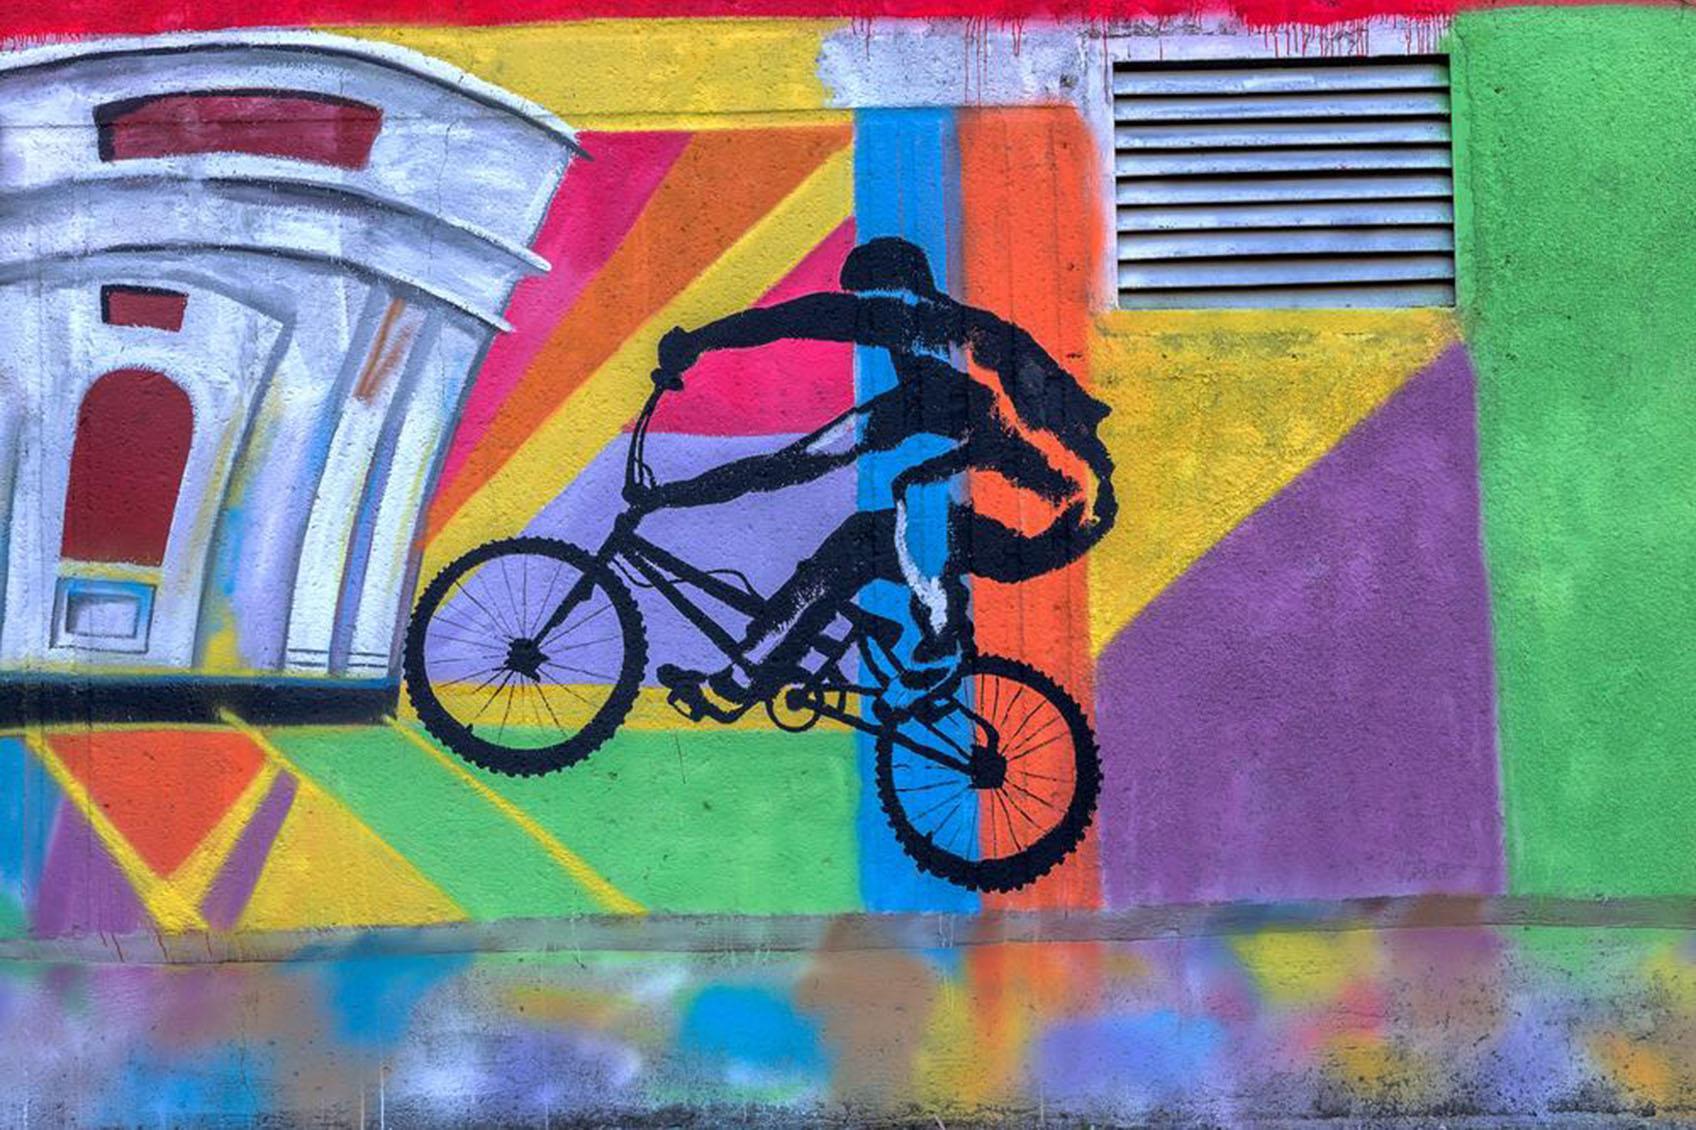 street art of bike and rider